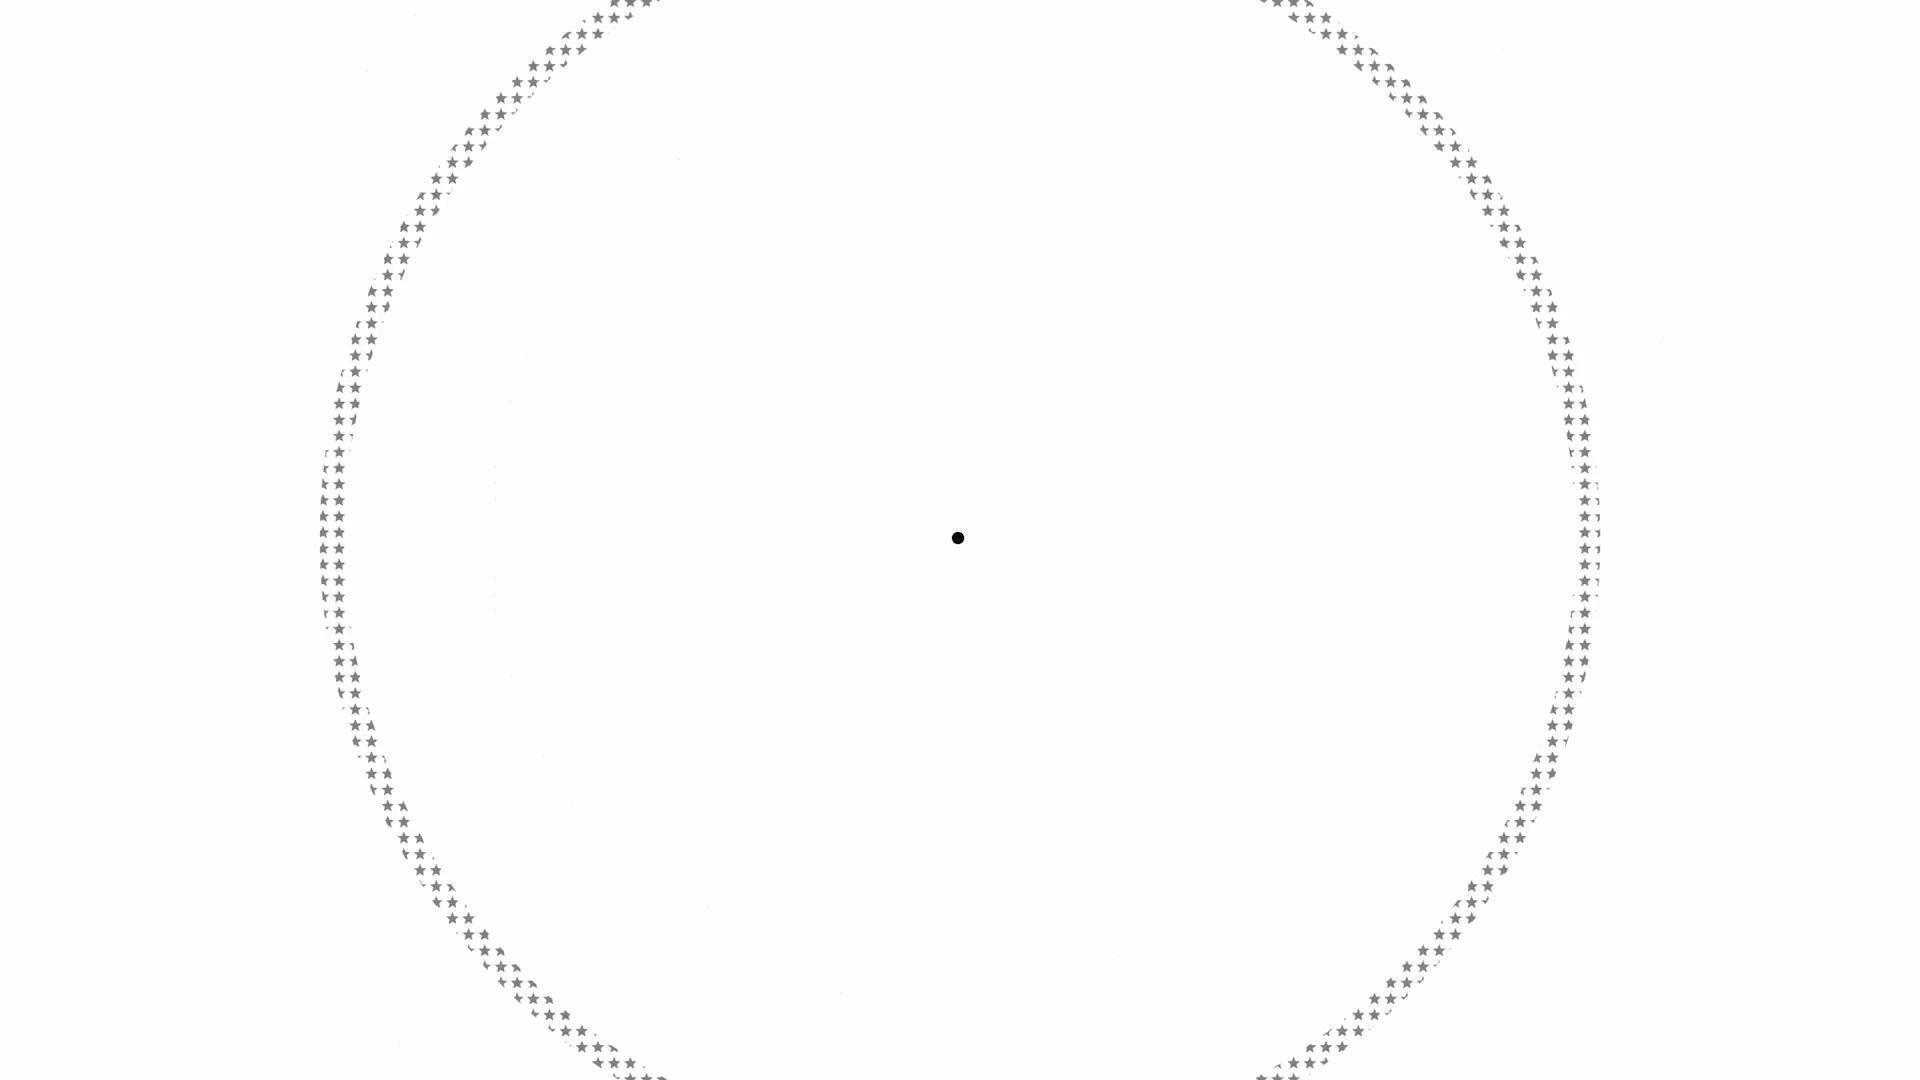 星圈类过渡转场素材3